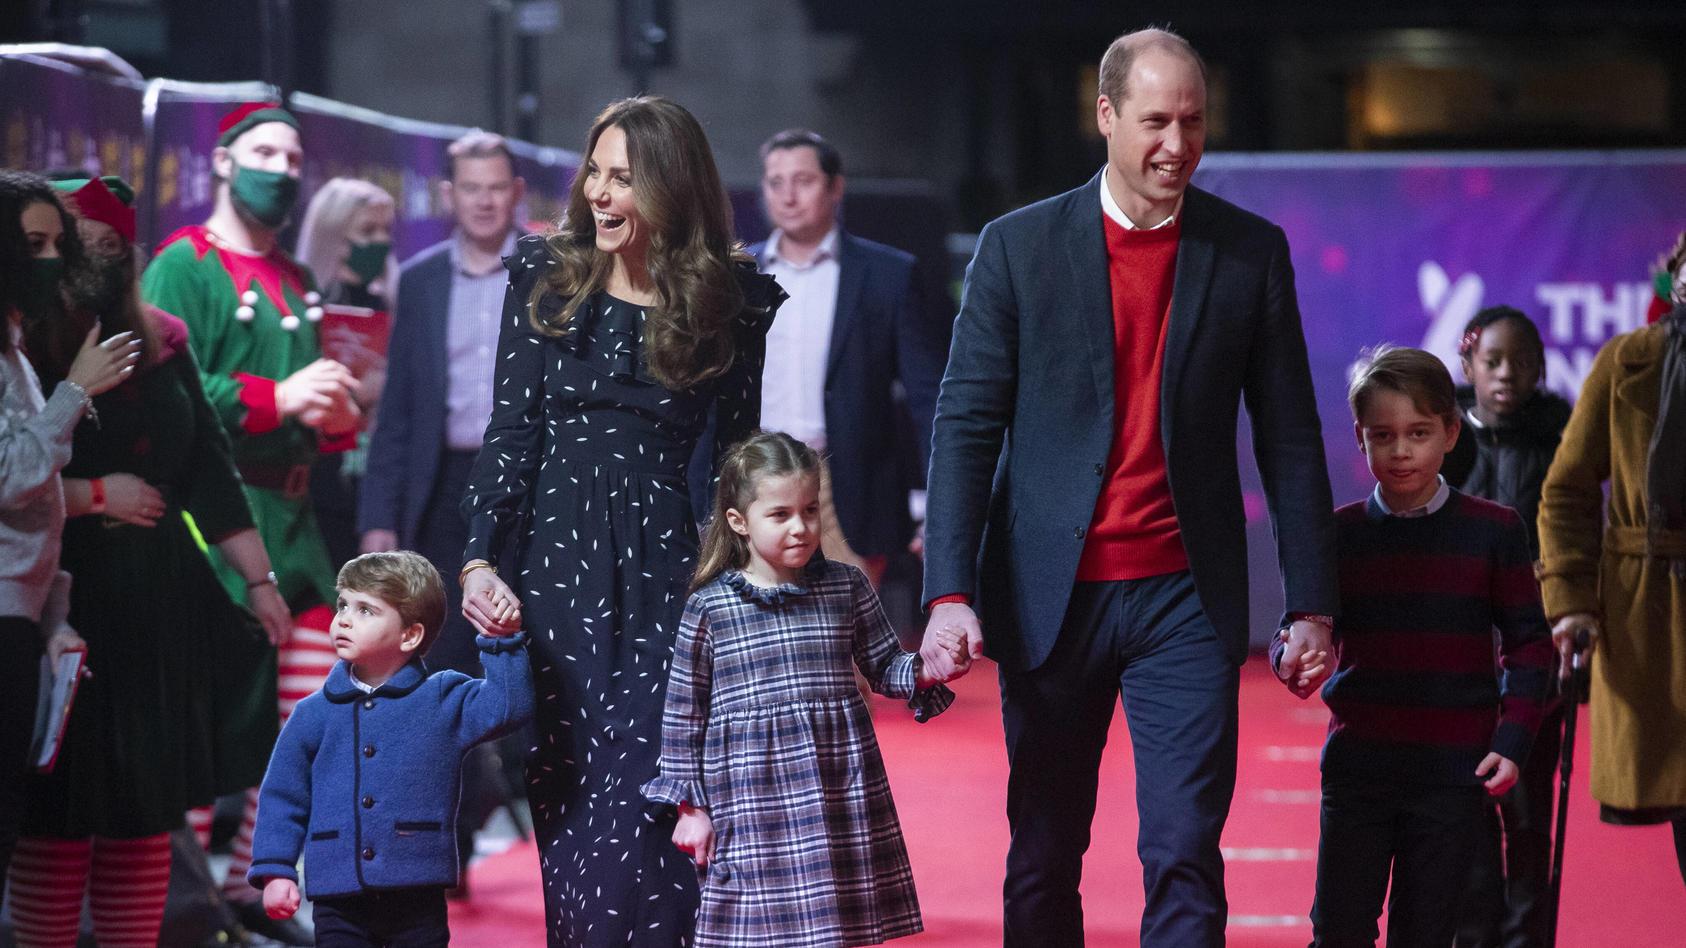 Herzogin Kate und Prinz William erziehen ihre drei Kinder weitaus freier, als in royalen Kreisen bislang üblich.